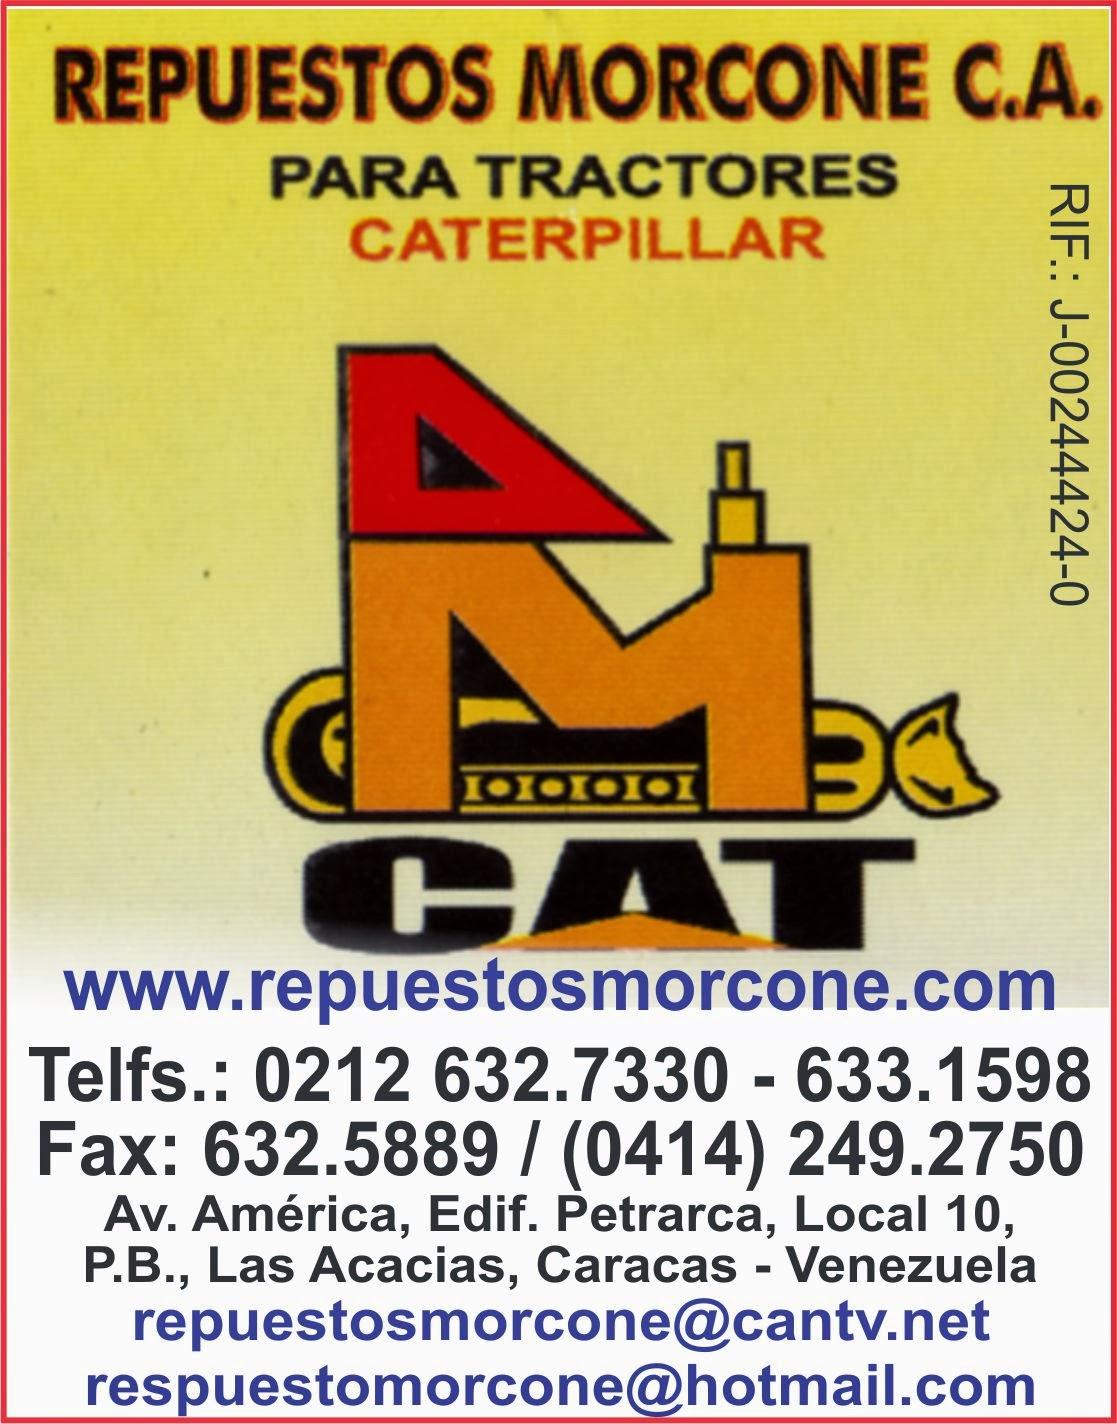 REPUESTOS MORCONE, C.A. en Paginas Amarillas tu guia Comercial